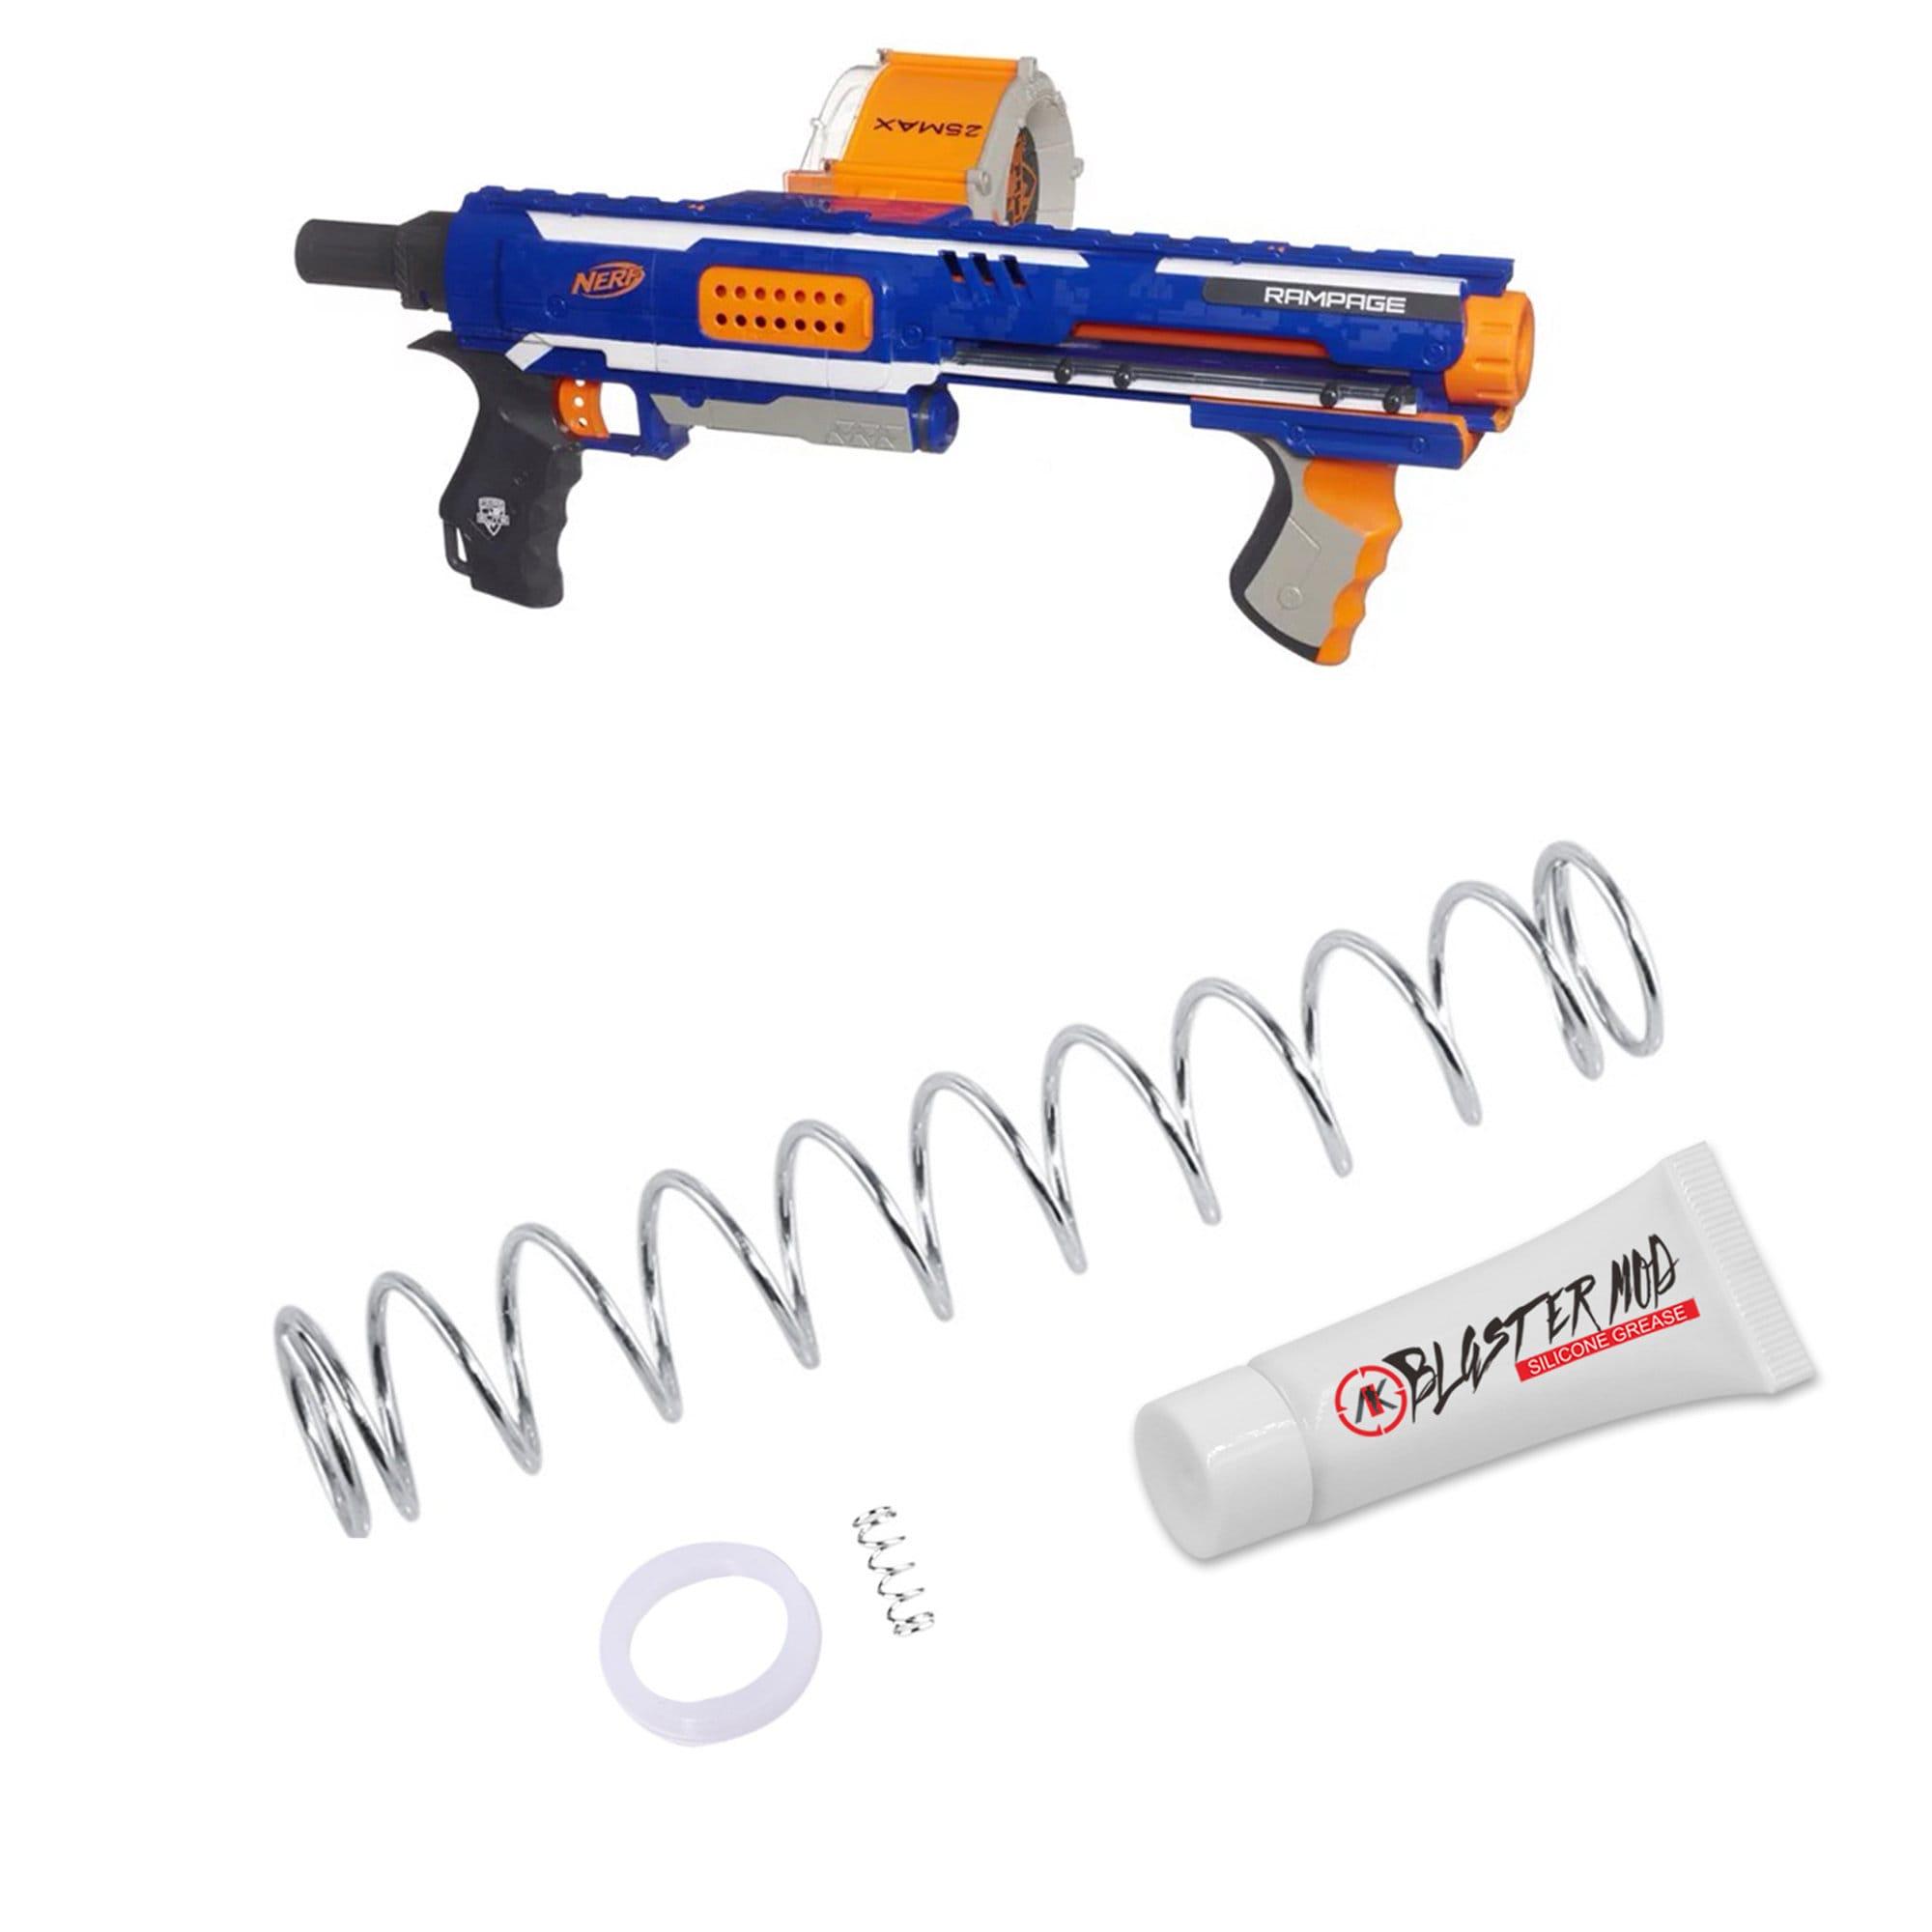 WORKER 7kg Modification Upgrade Spring Sets for Nerf N-Strike Elite Rampage Toy